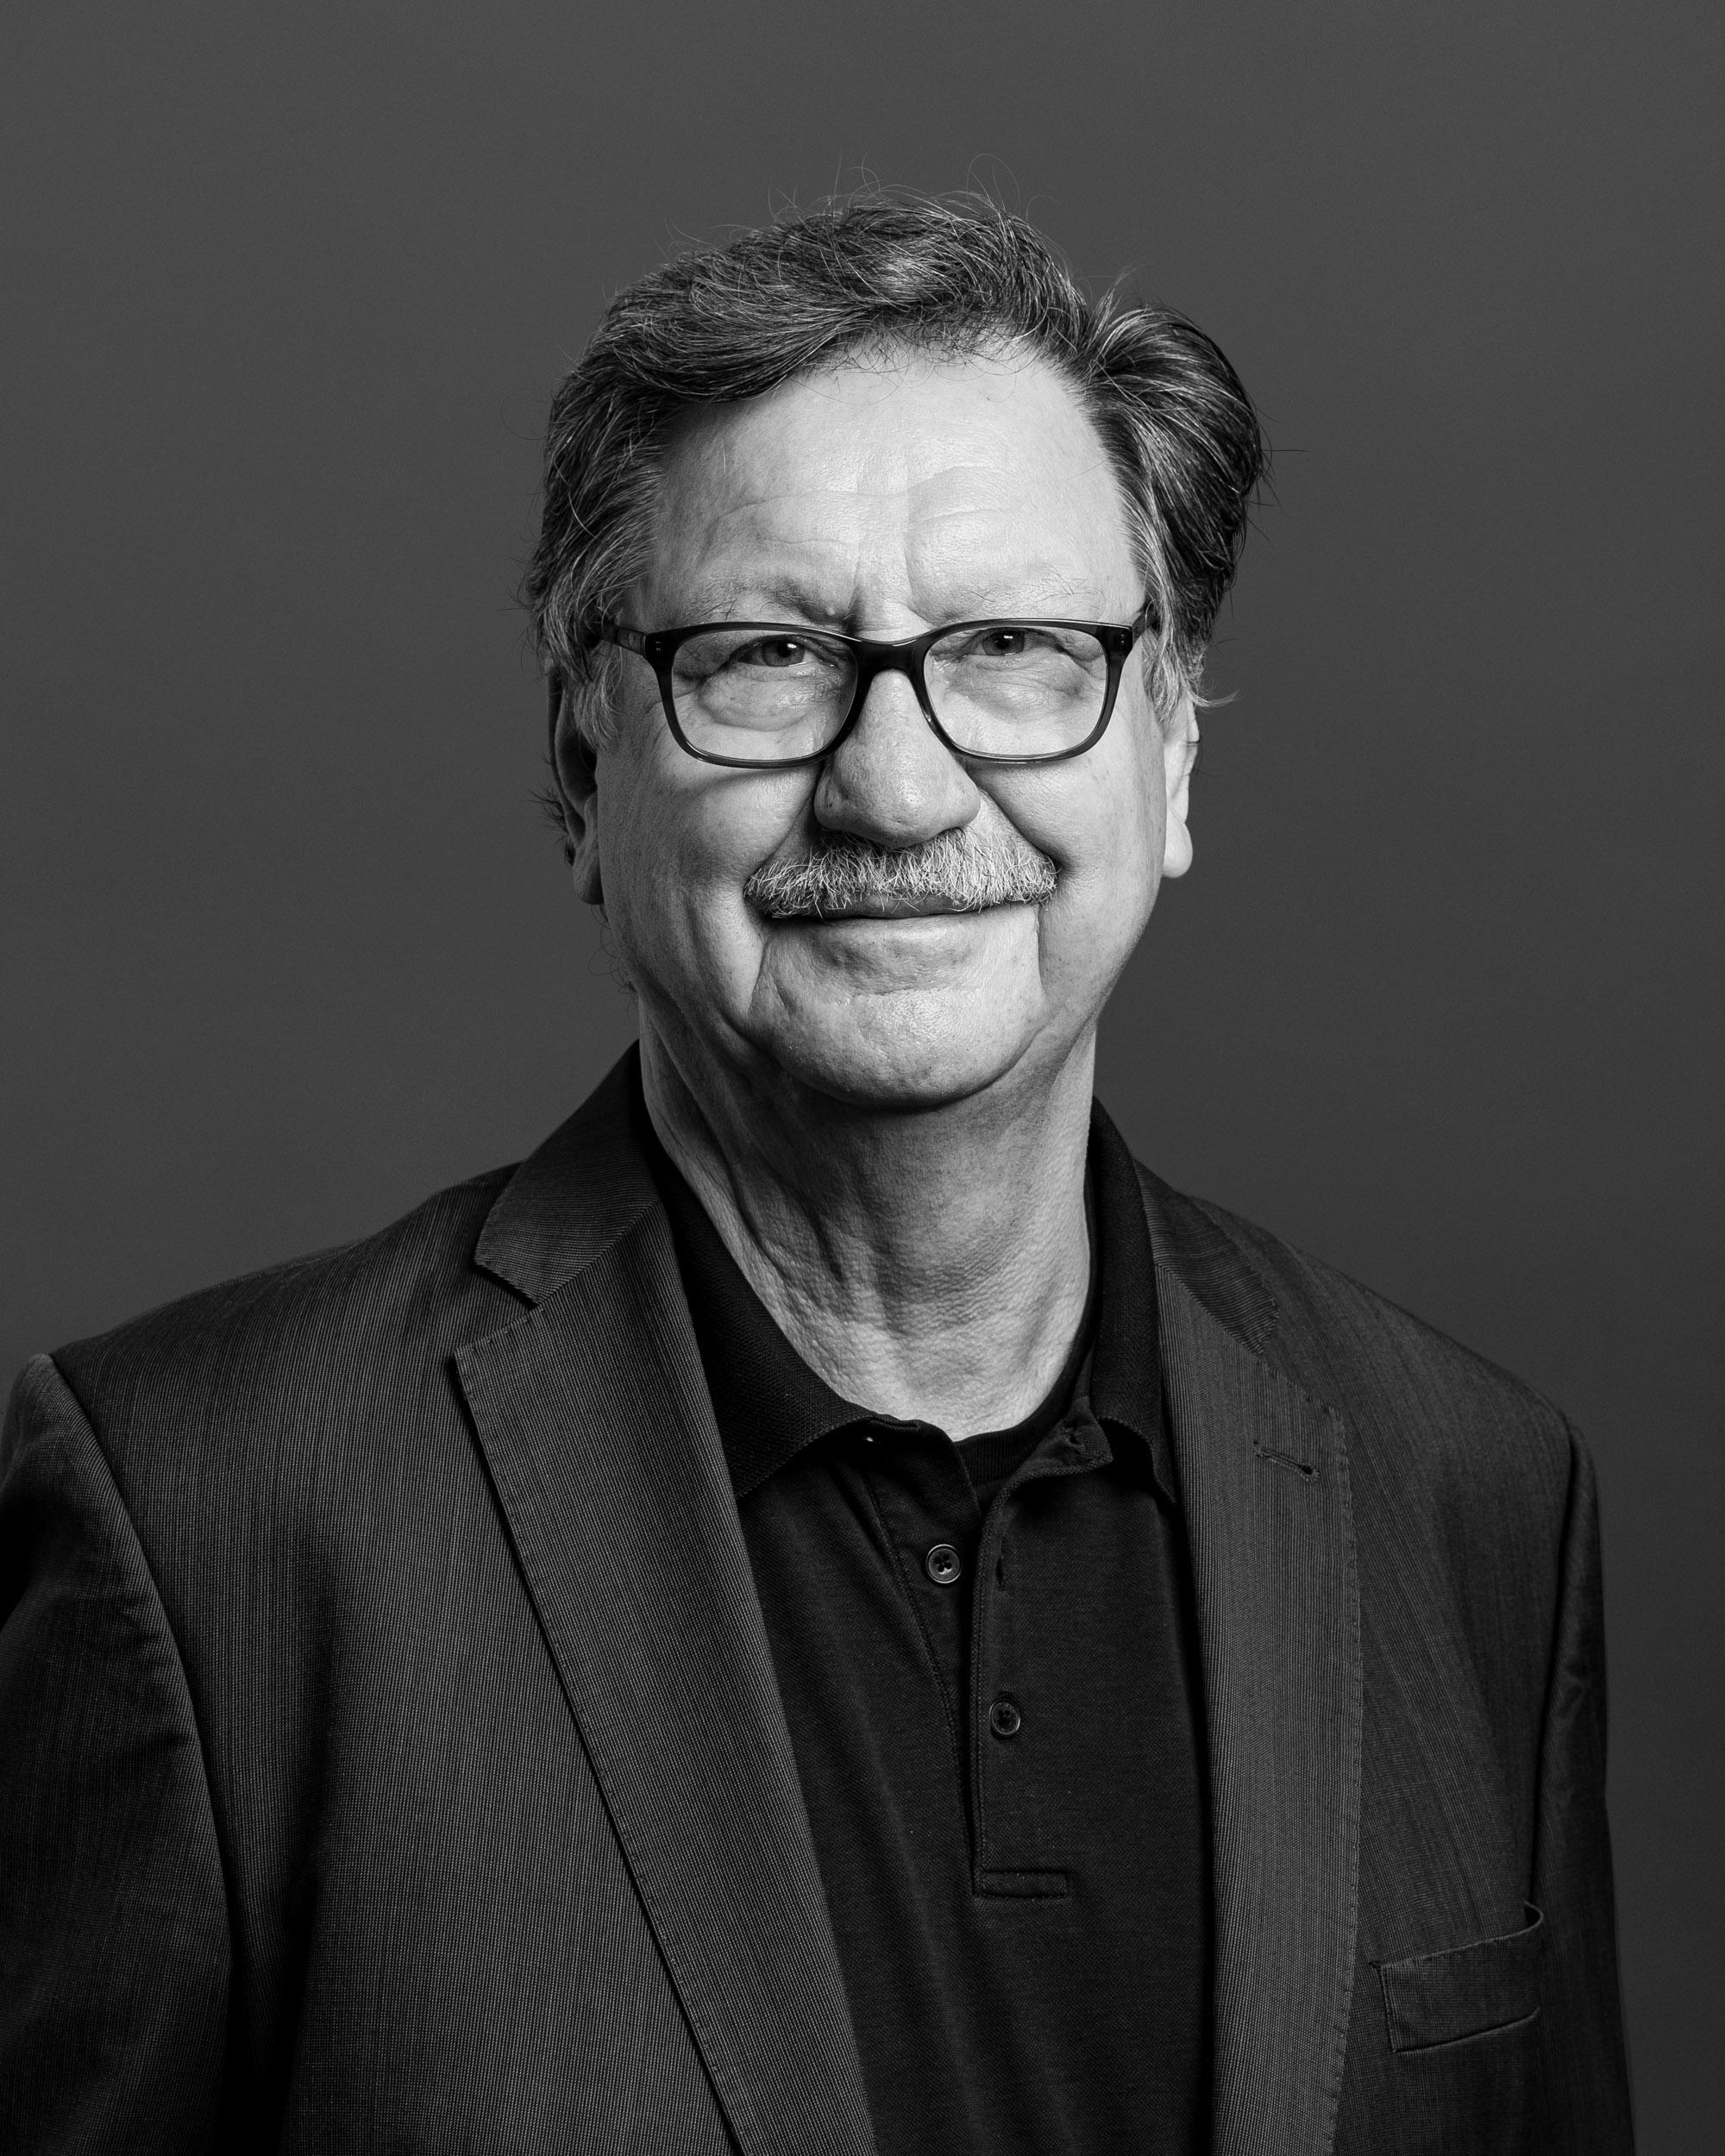 Dipl.-Ing. Architekt Gerd Zeune